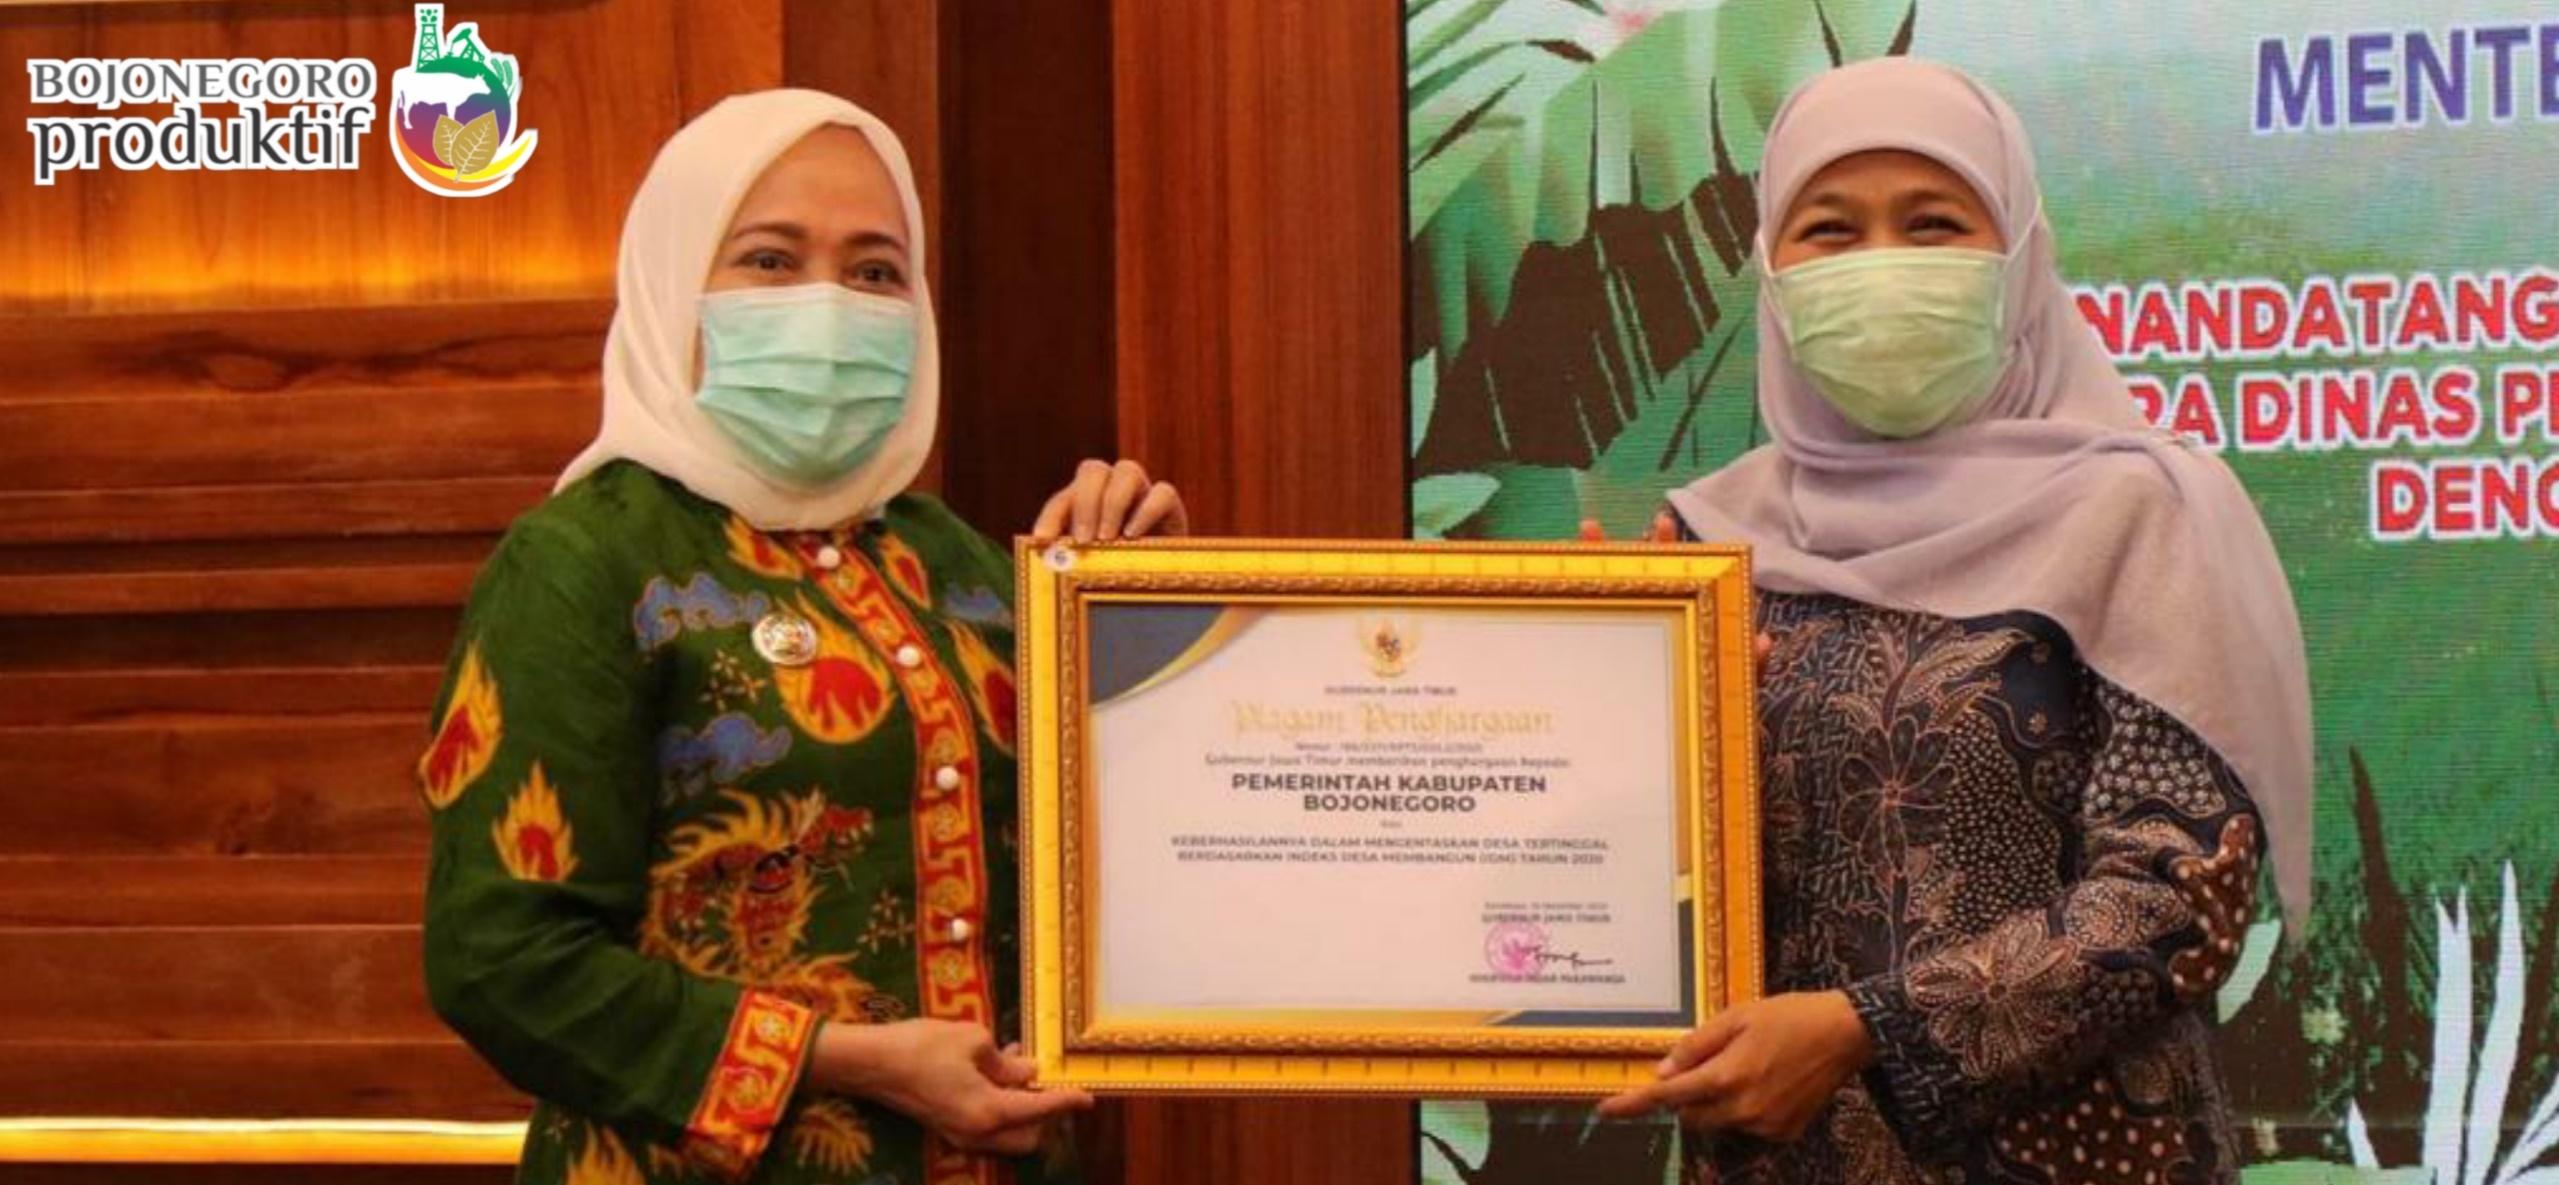 Penghargaan dari Gubernur Jawa Timur atas Keberhasilan Kabupaten Bojonegoro <BR>dalam Mengentaskan Desa Tertinggal Berdasarkan Indeks Desa Membangun (IDM) Tahun 2020